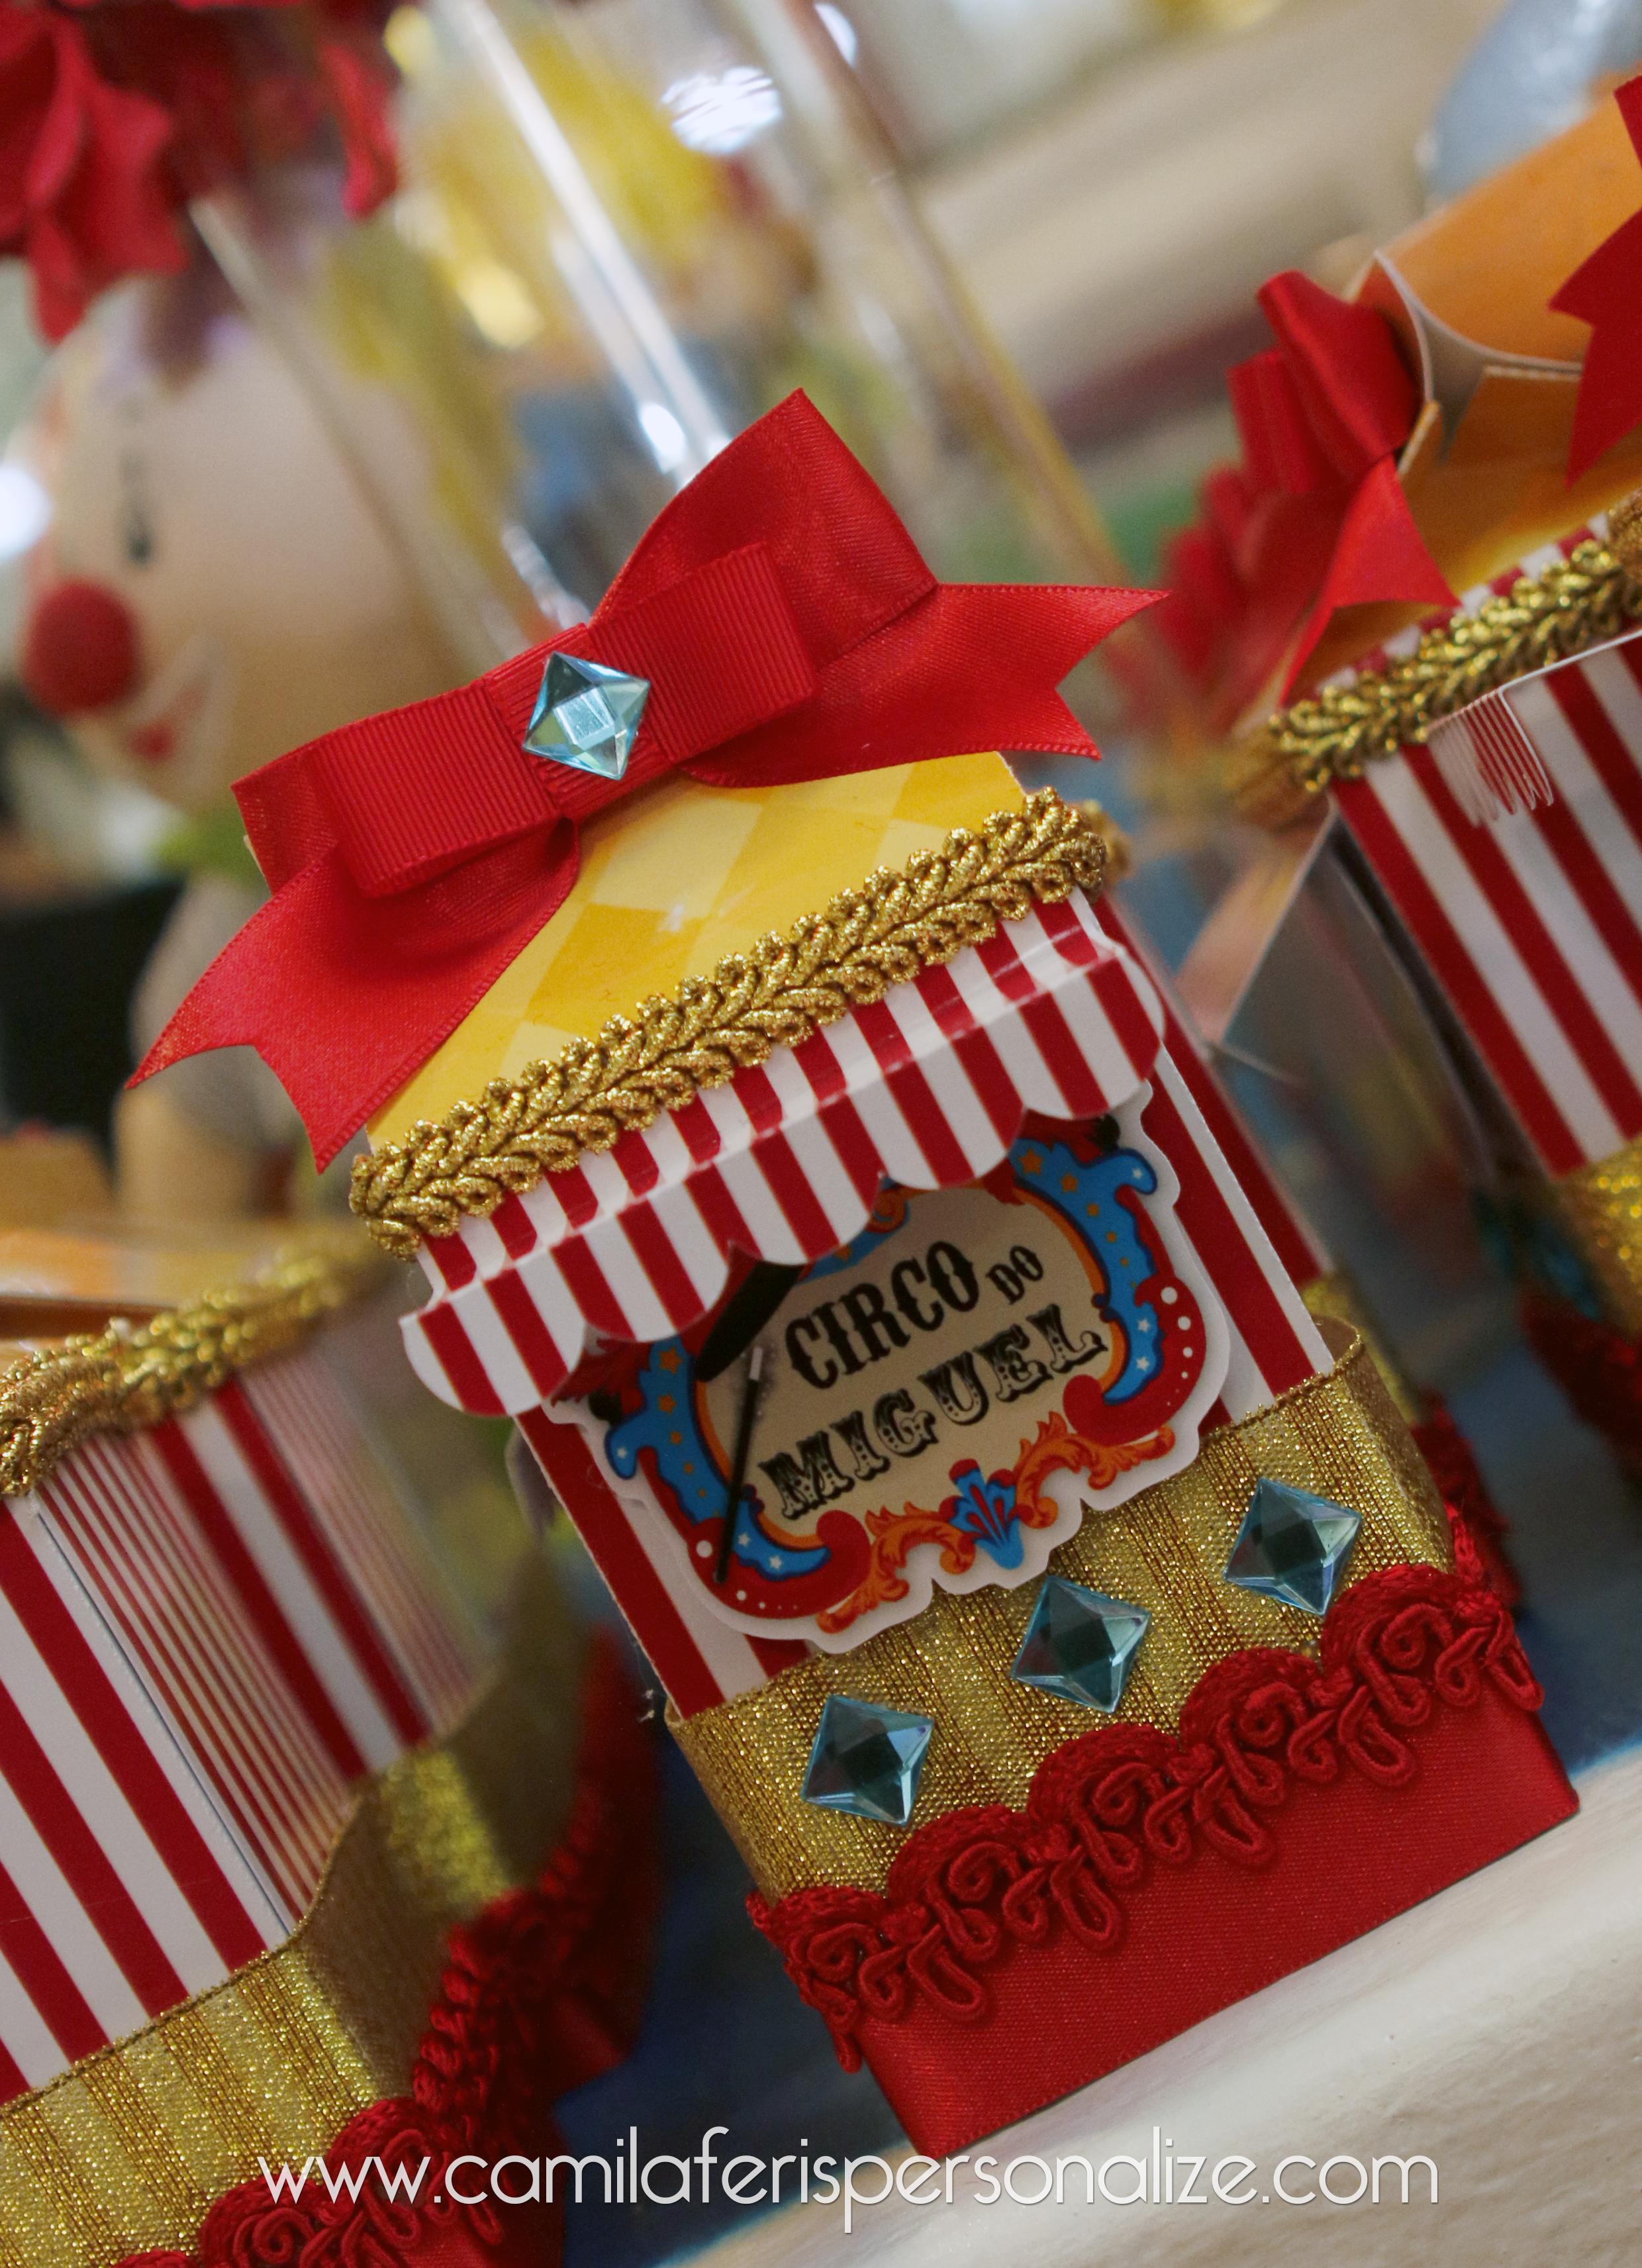 caixa milk circo luxo.jpg